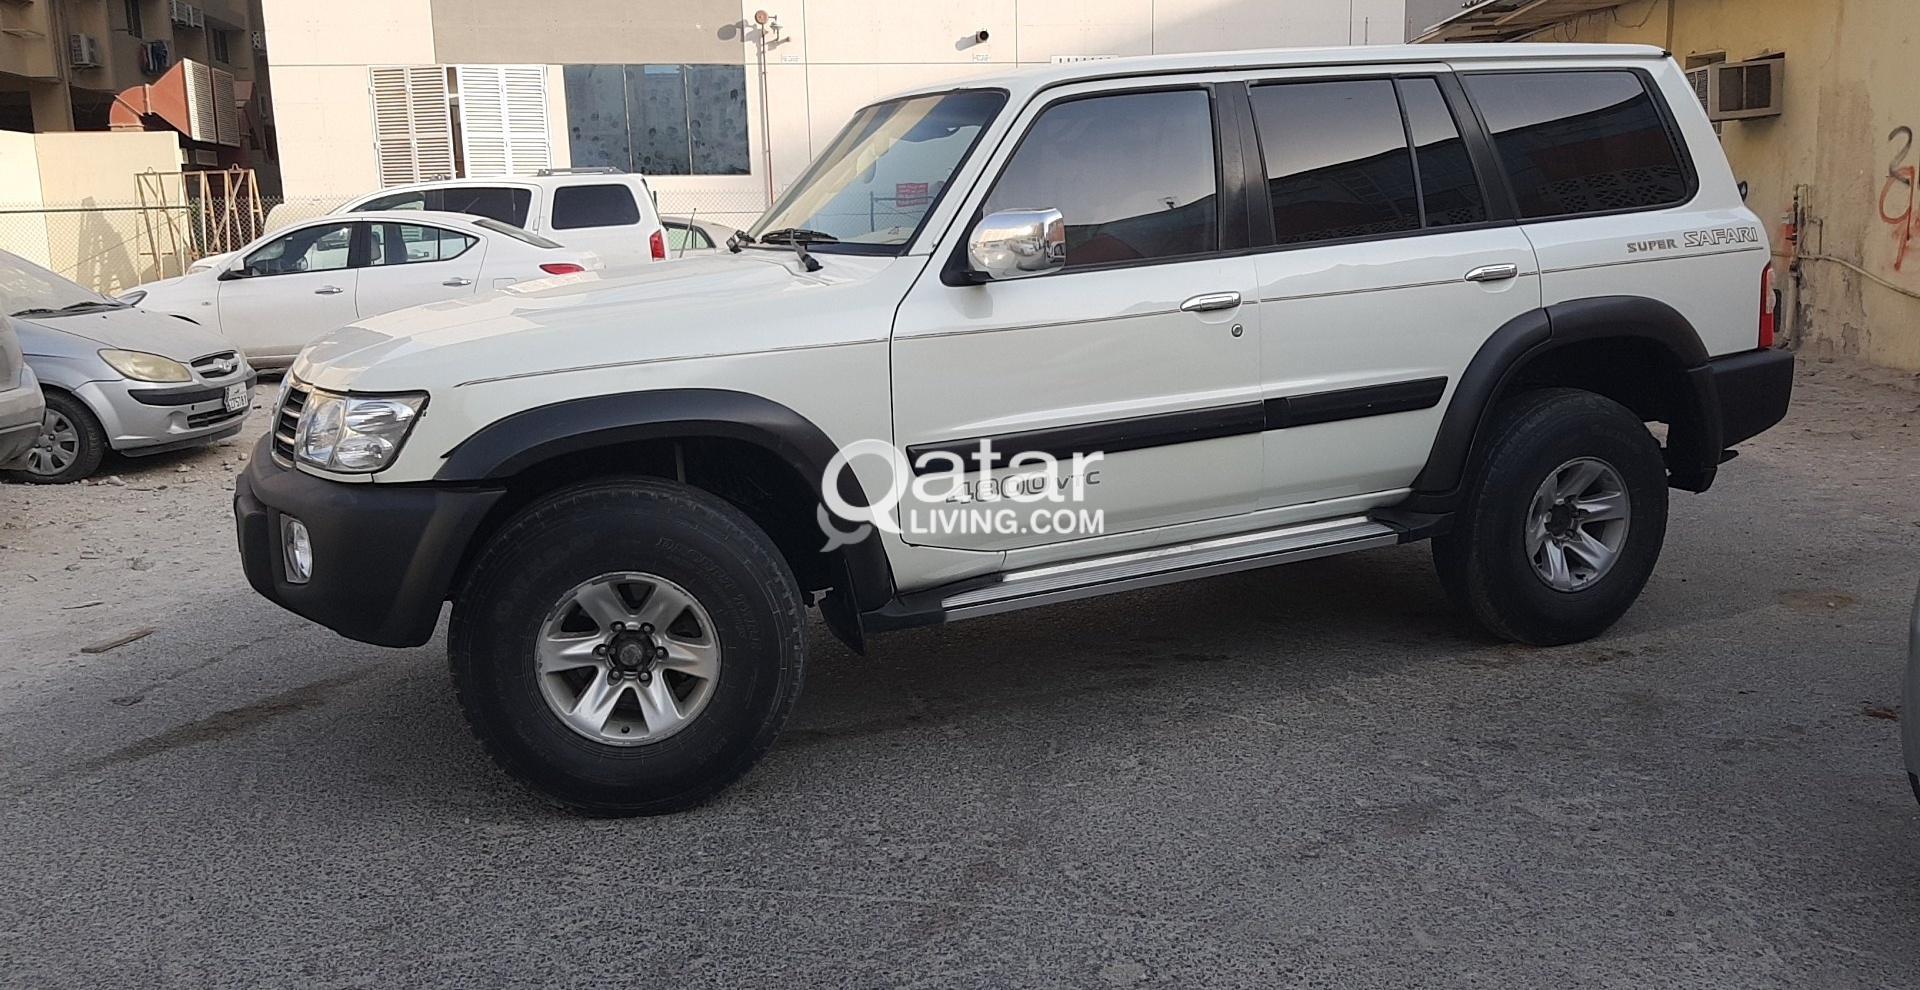 Nissan Petrol Vtc 2003 Qatar Living